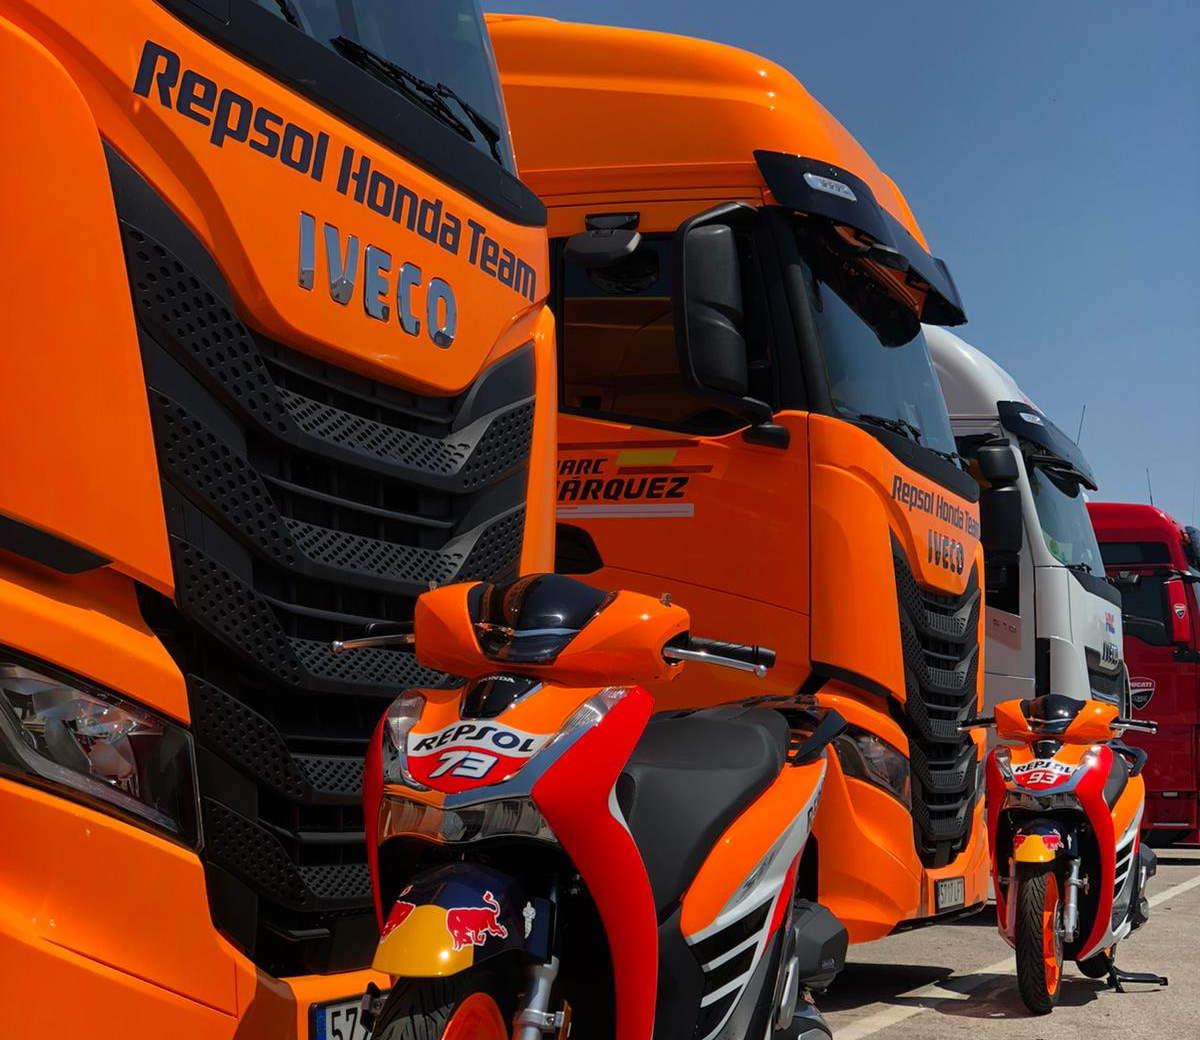 Mercoledì una giornata di test per la MotoGP in vista del debutto per il GP di Spagna